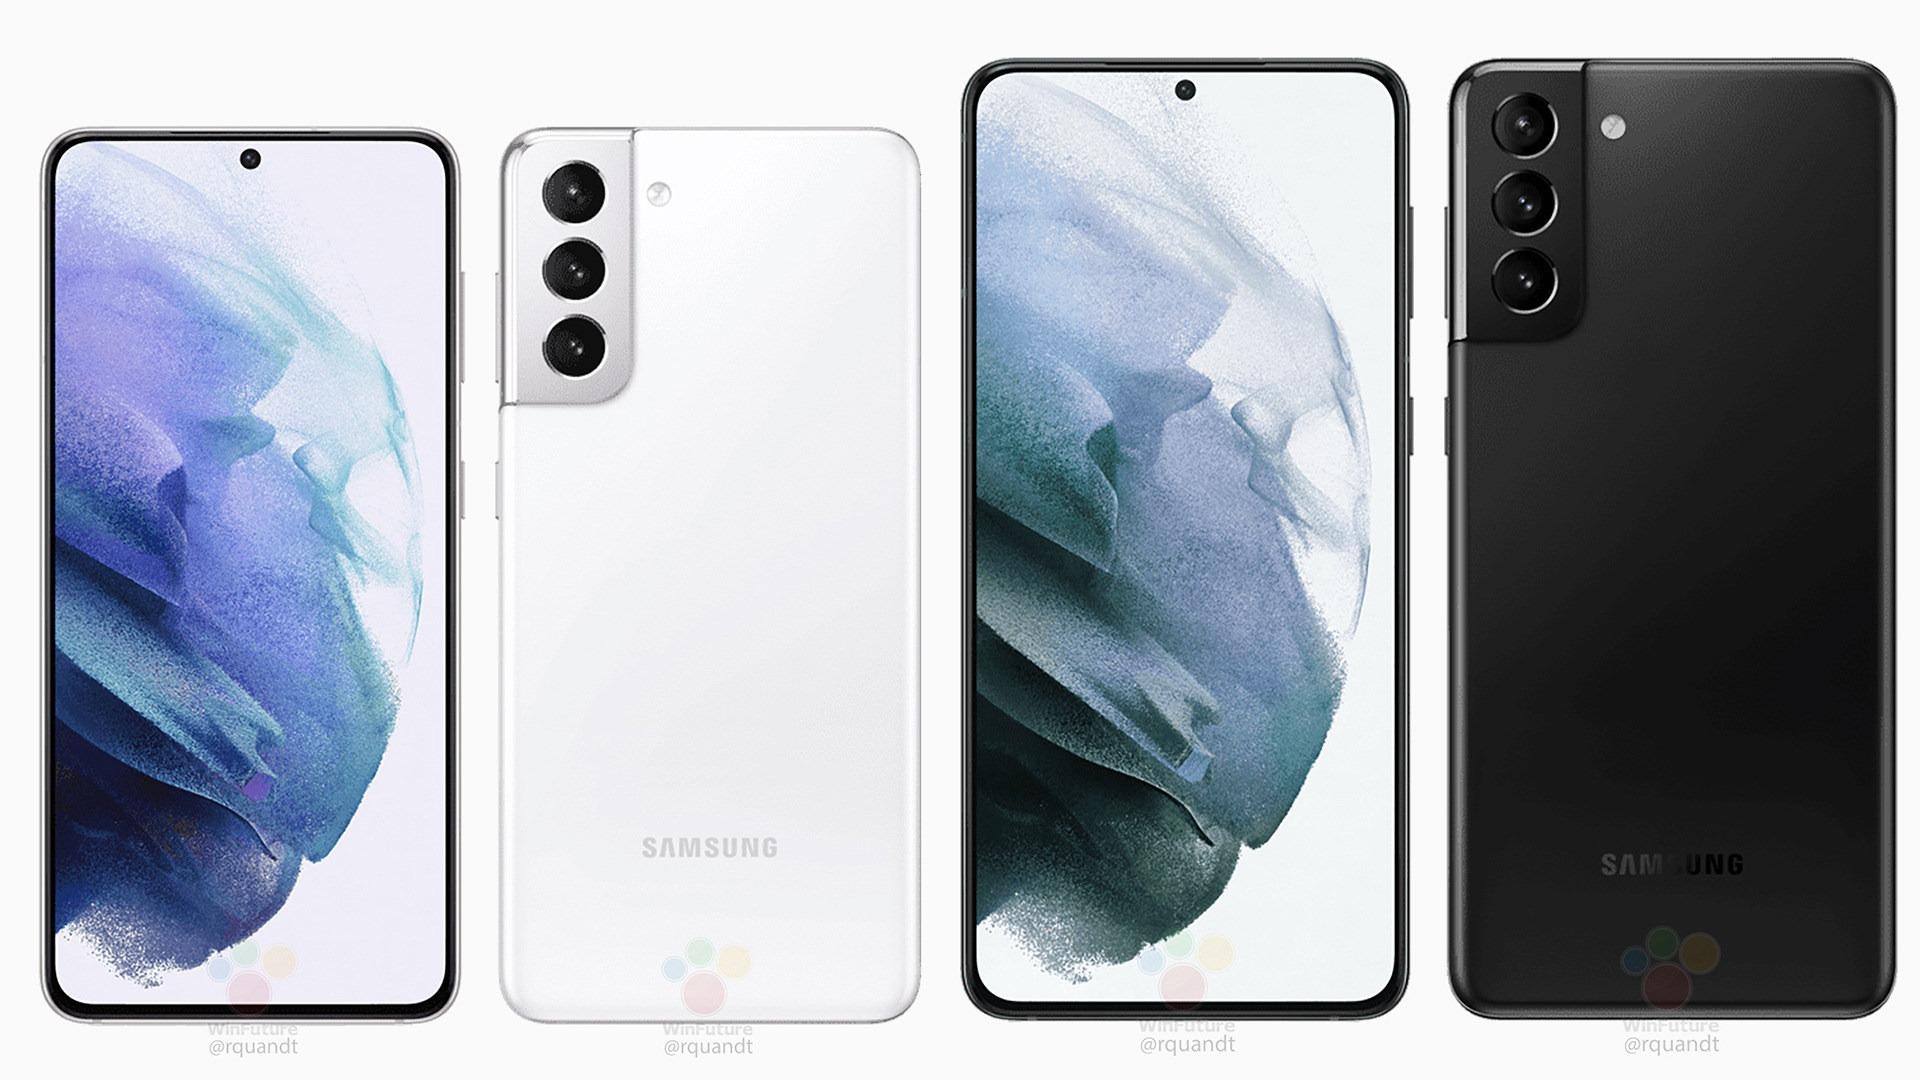 Galaxy S21 : aux États-Unis, Samsung ouvre déjà des pré-précommandes